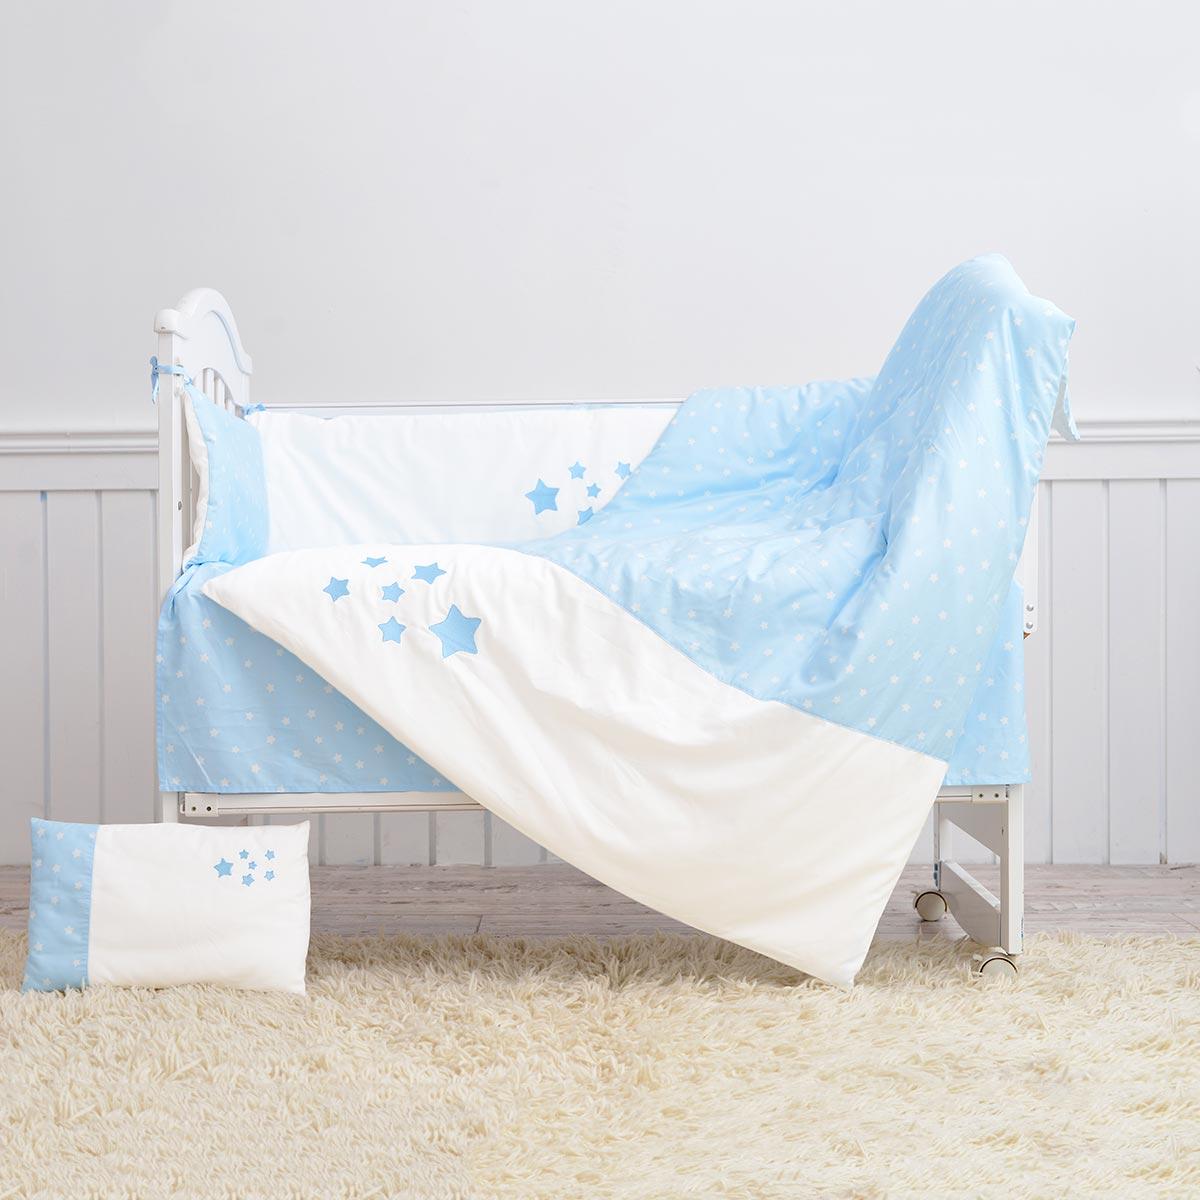 Mercury baby хлопок хлопчатобумажная ткань Детский сад детская кроватка комплект продуктов Baby Hope star постельное белье